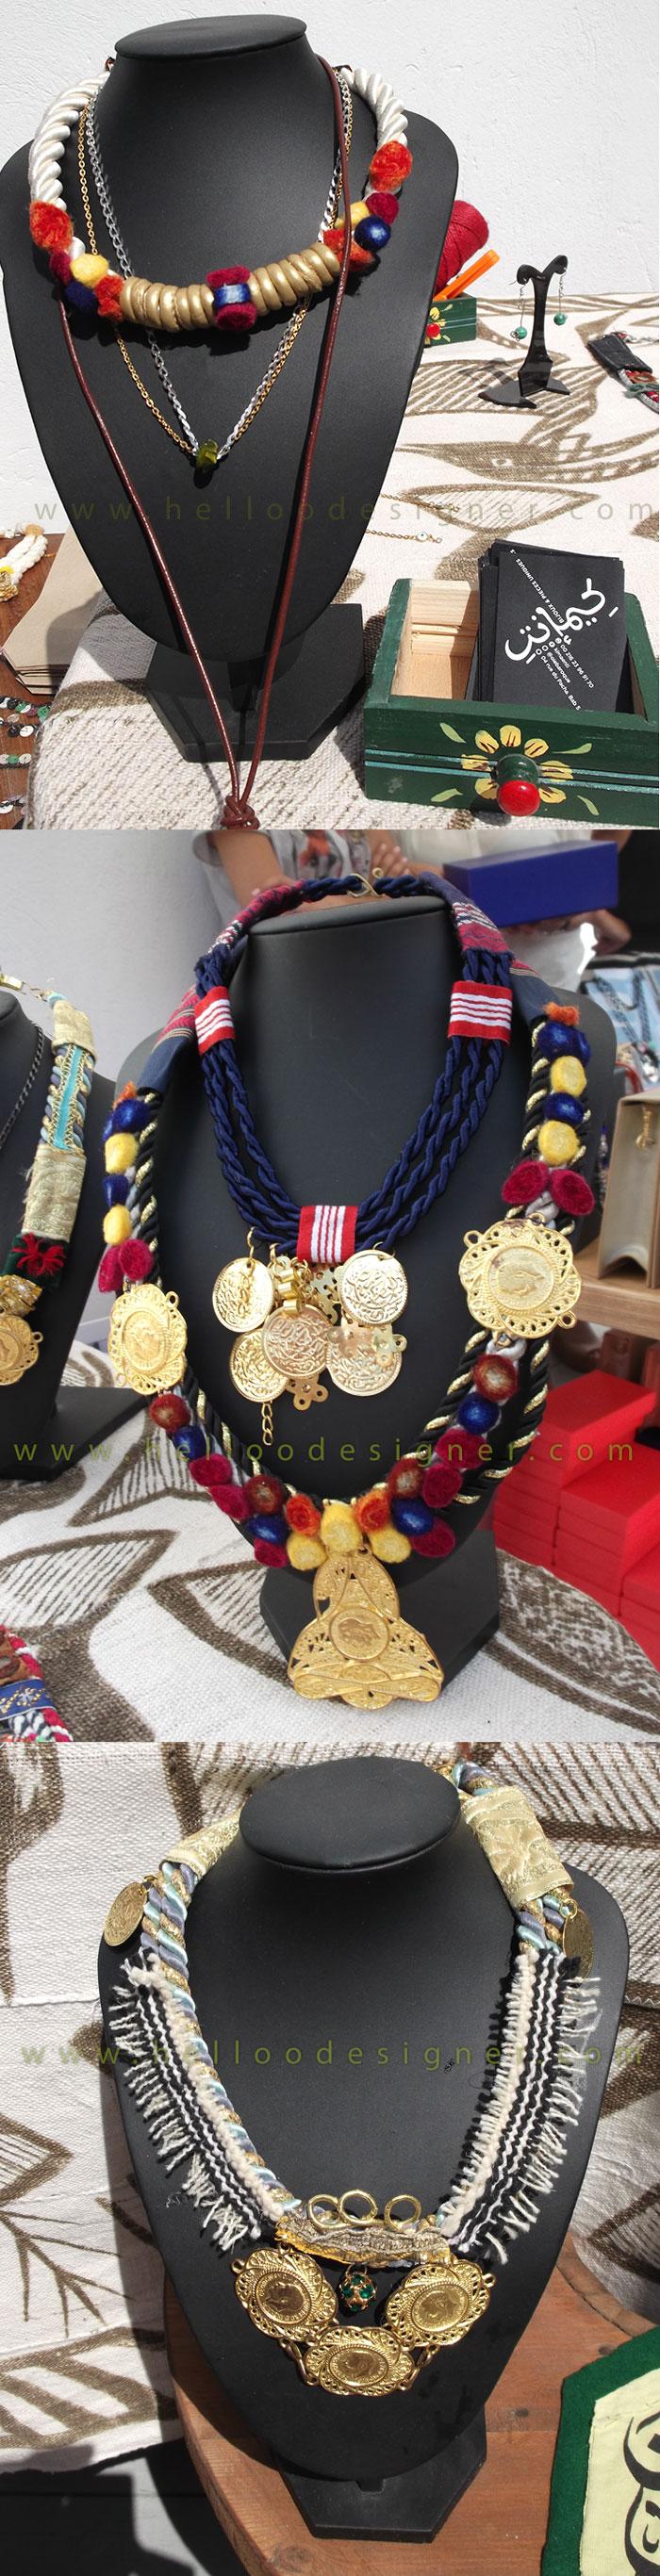 elbazar-marché-ephemere-tunisie-designer-tunisien-bijoux-kima enti